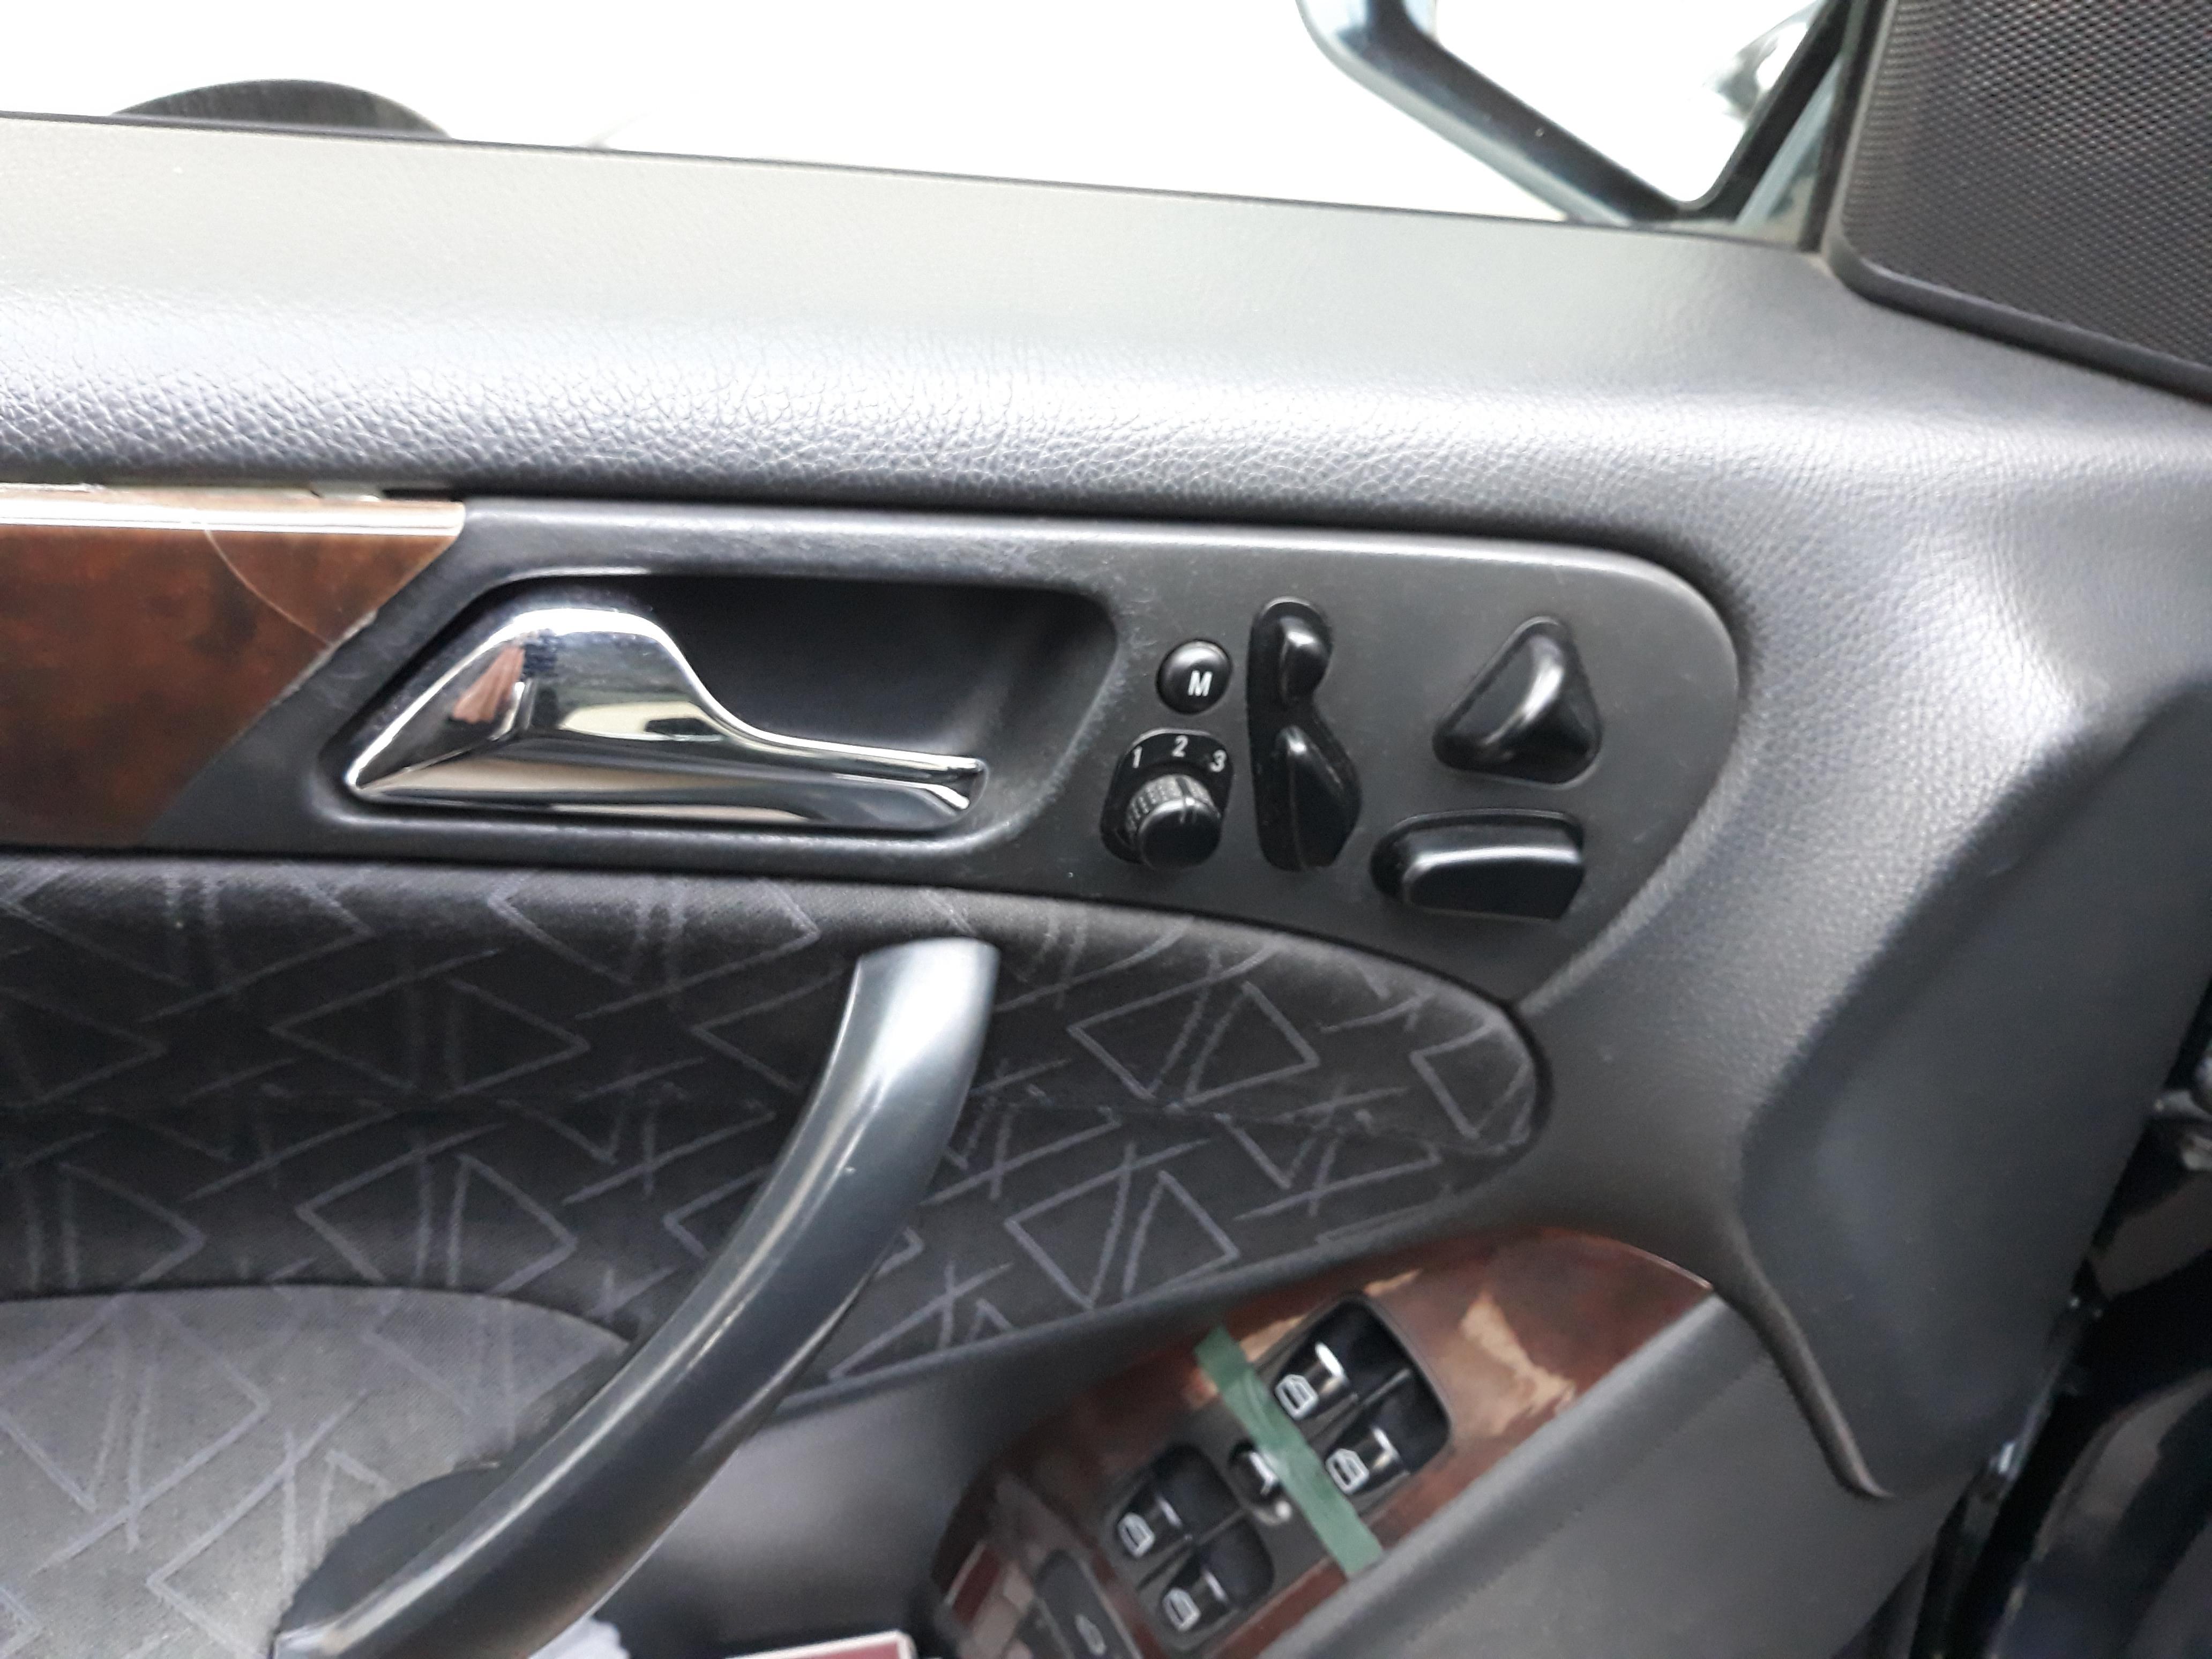 Mercedes-Benz C 240 2.6(lt) 2002 Подержанный  $7000